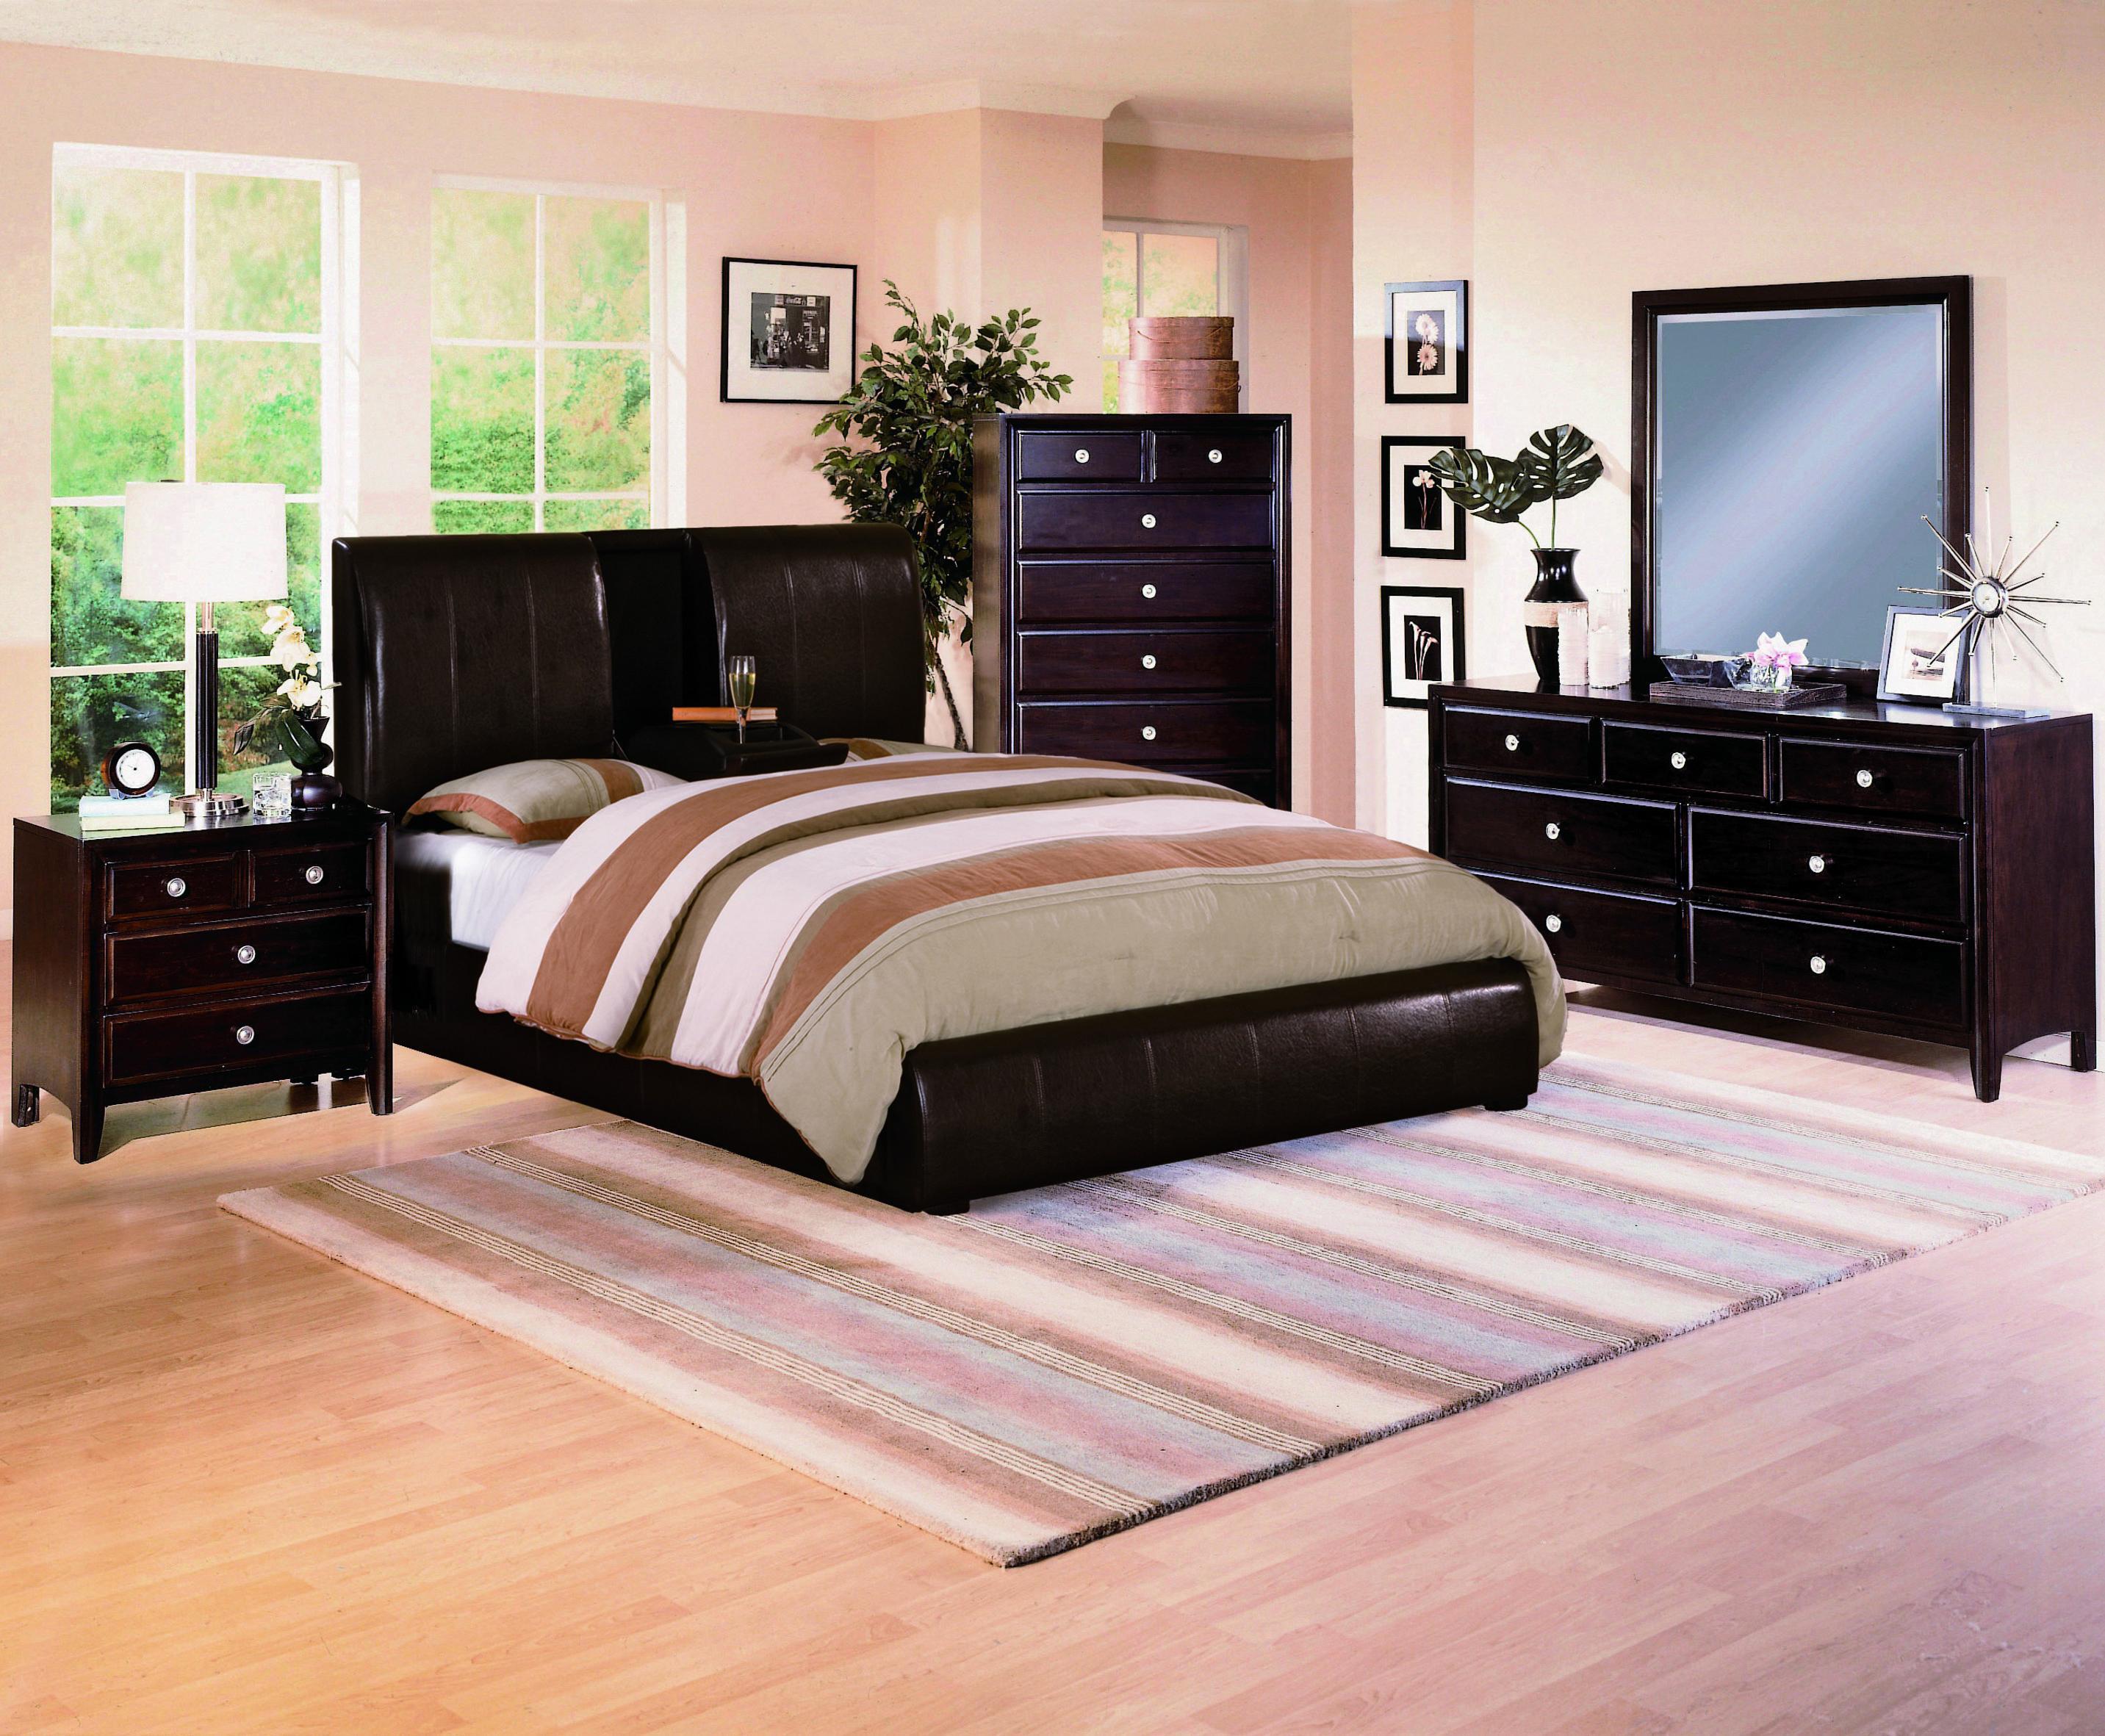 Crown Mark Flynn Queen Bedroom Group - Item Number: 6200 Queen Bedroom Group 1